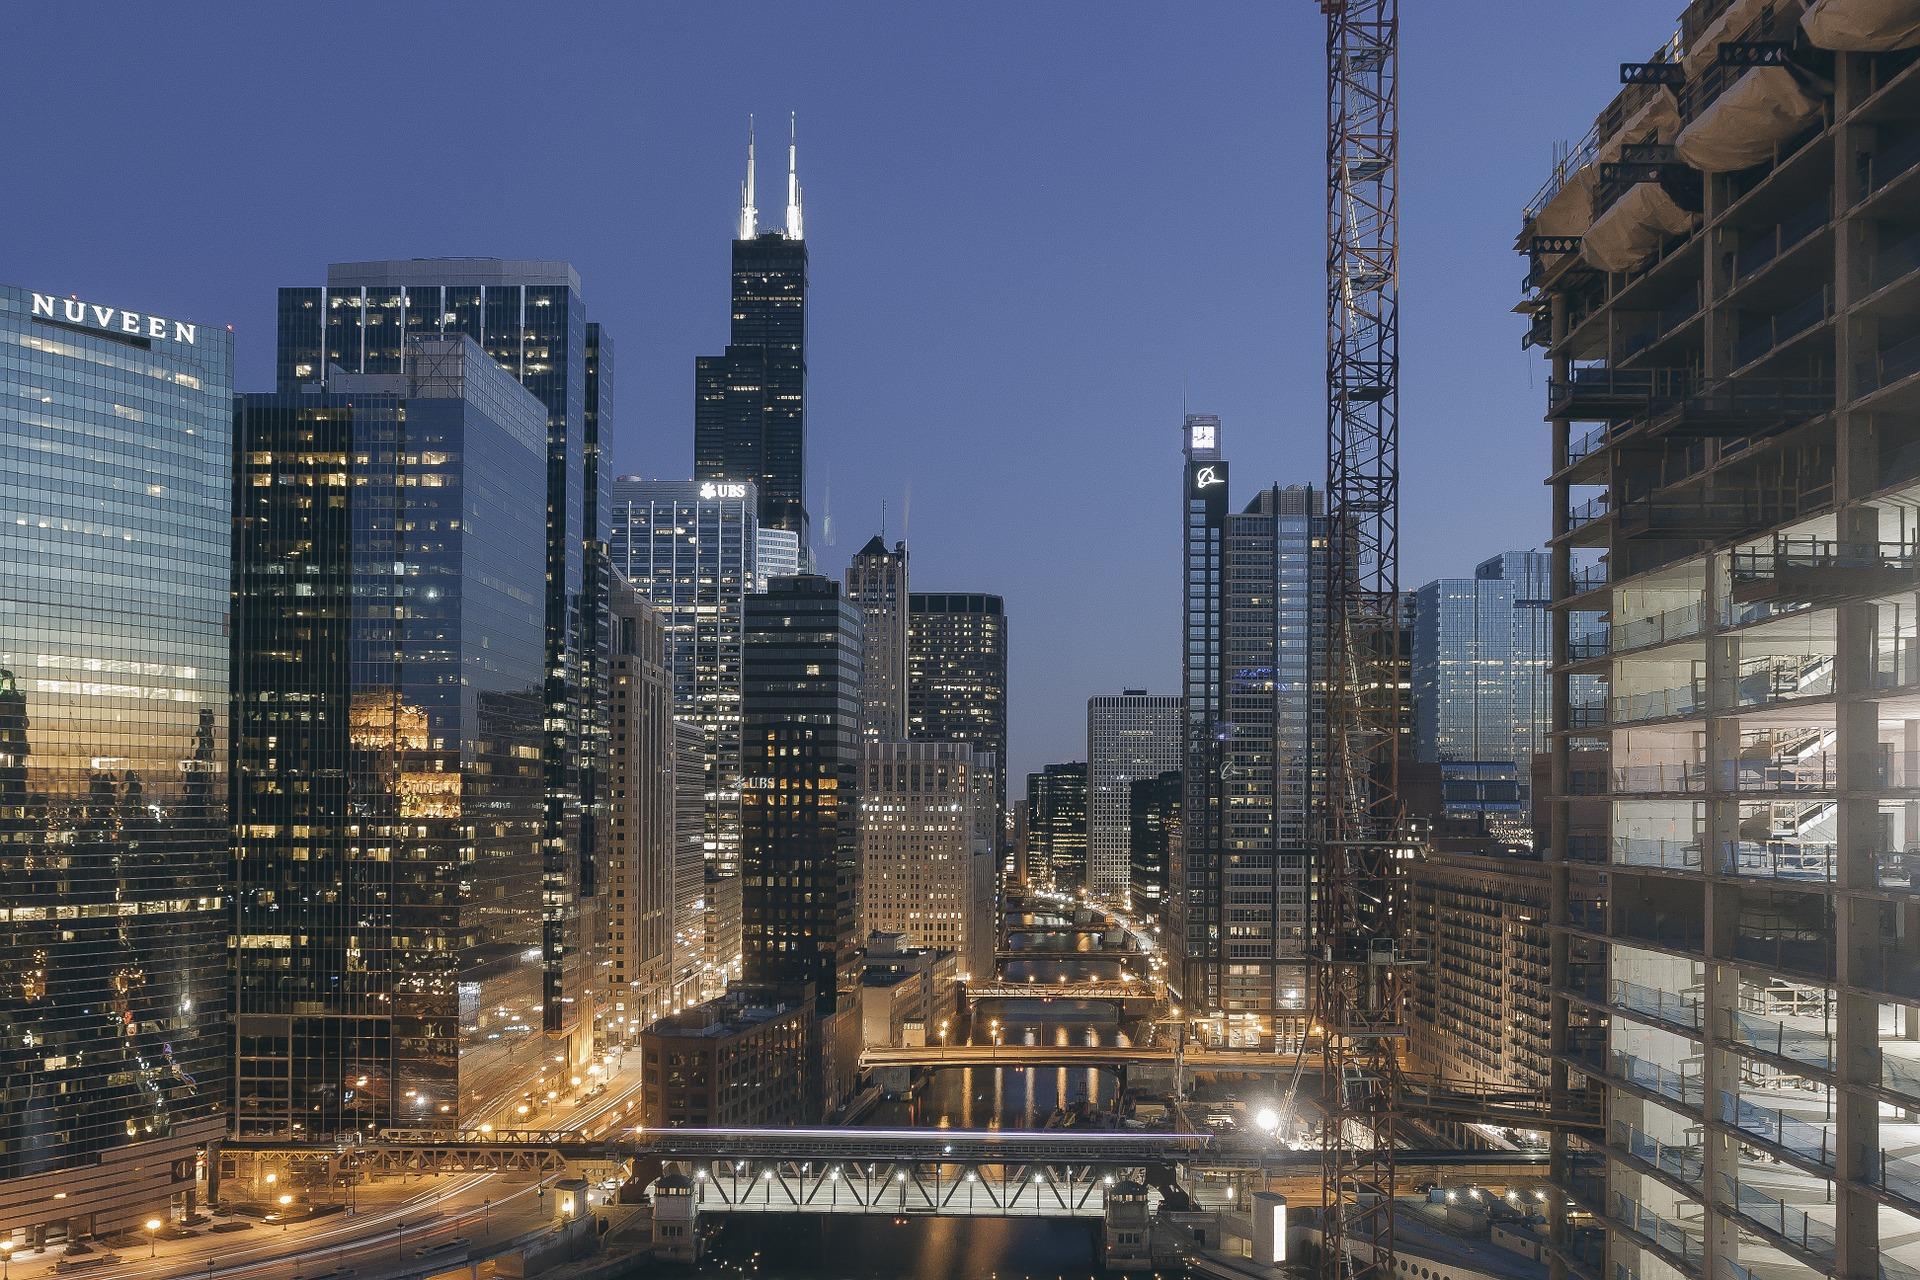 chicago-796121_1920.jpg